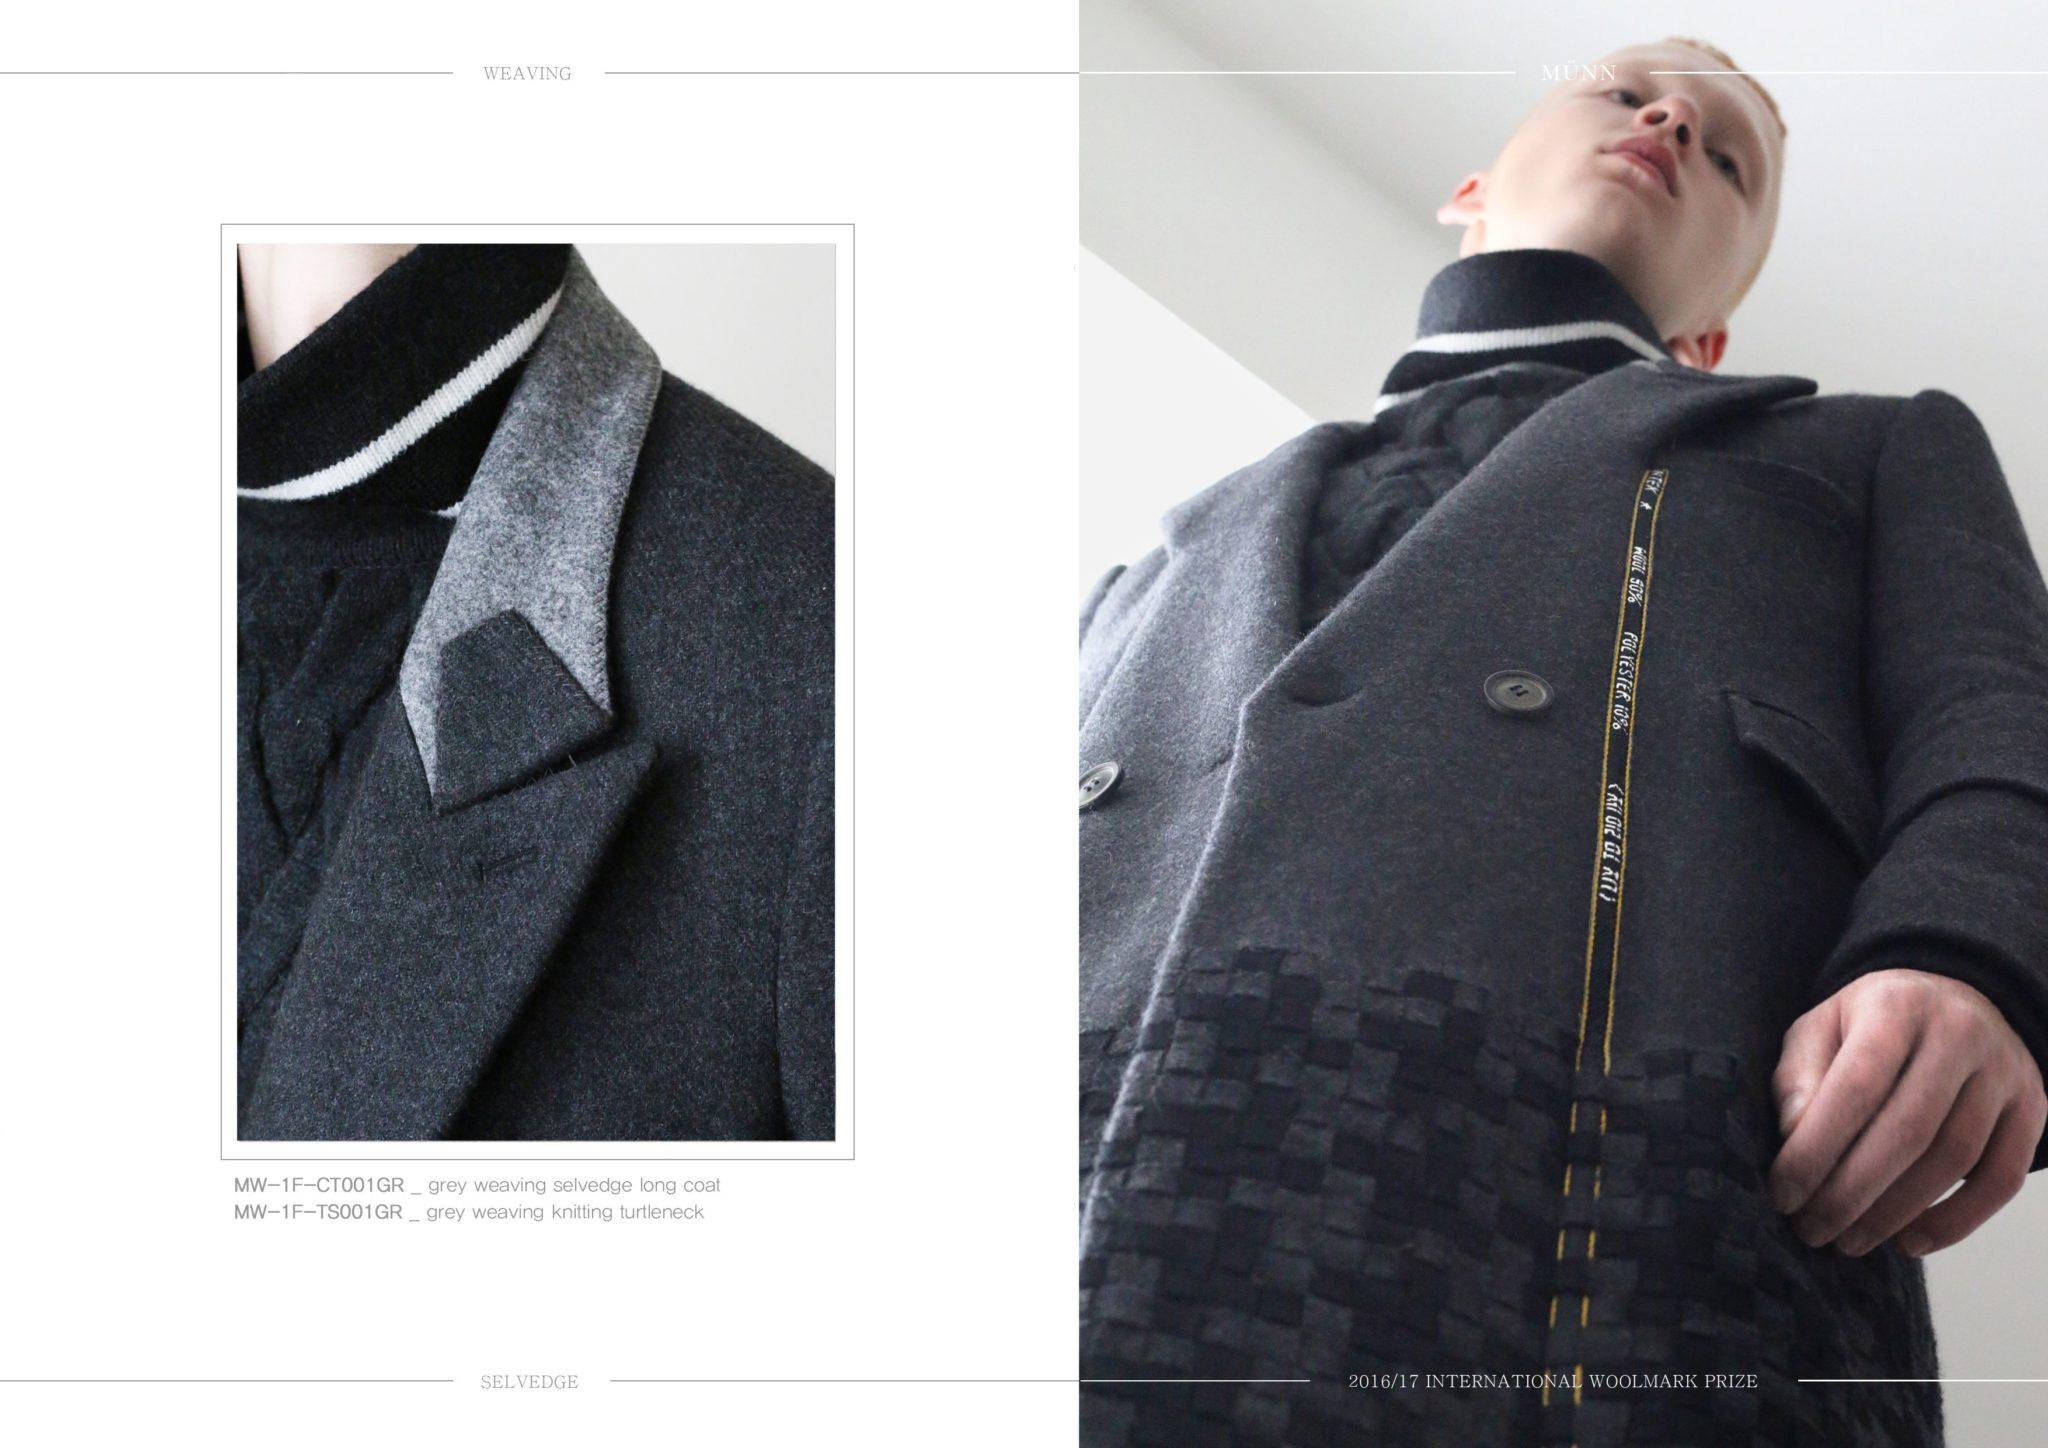 Münn, l'innovativo processo produttivo nel settore della moda